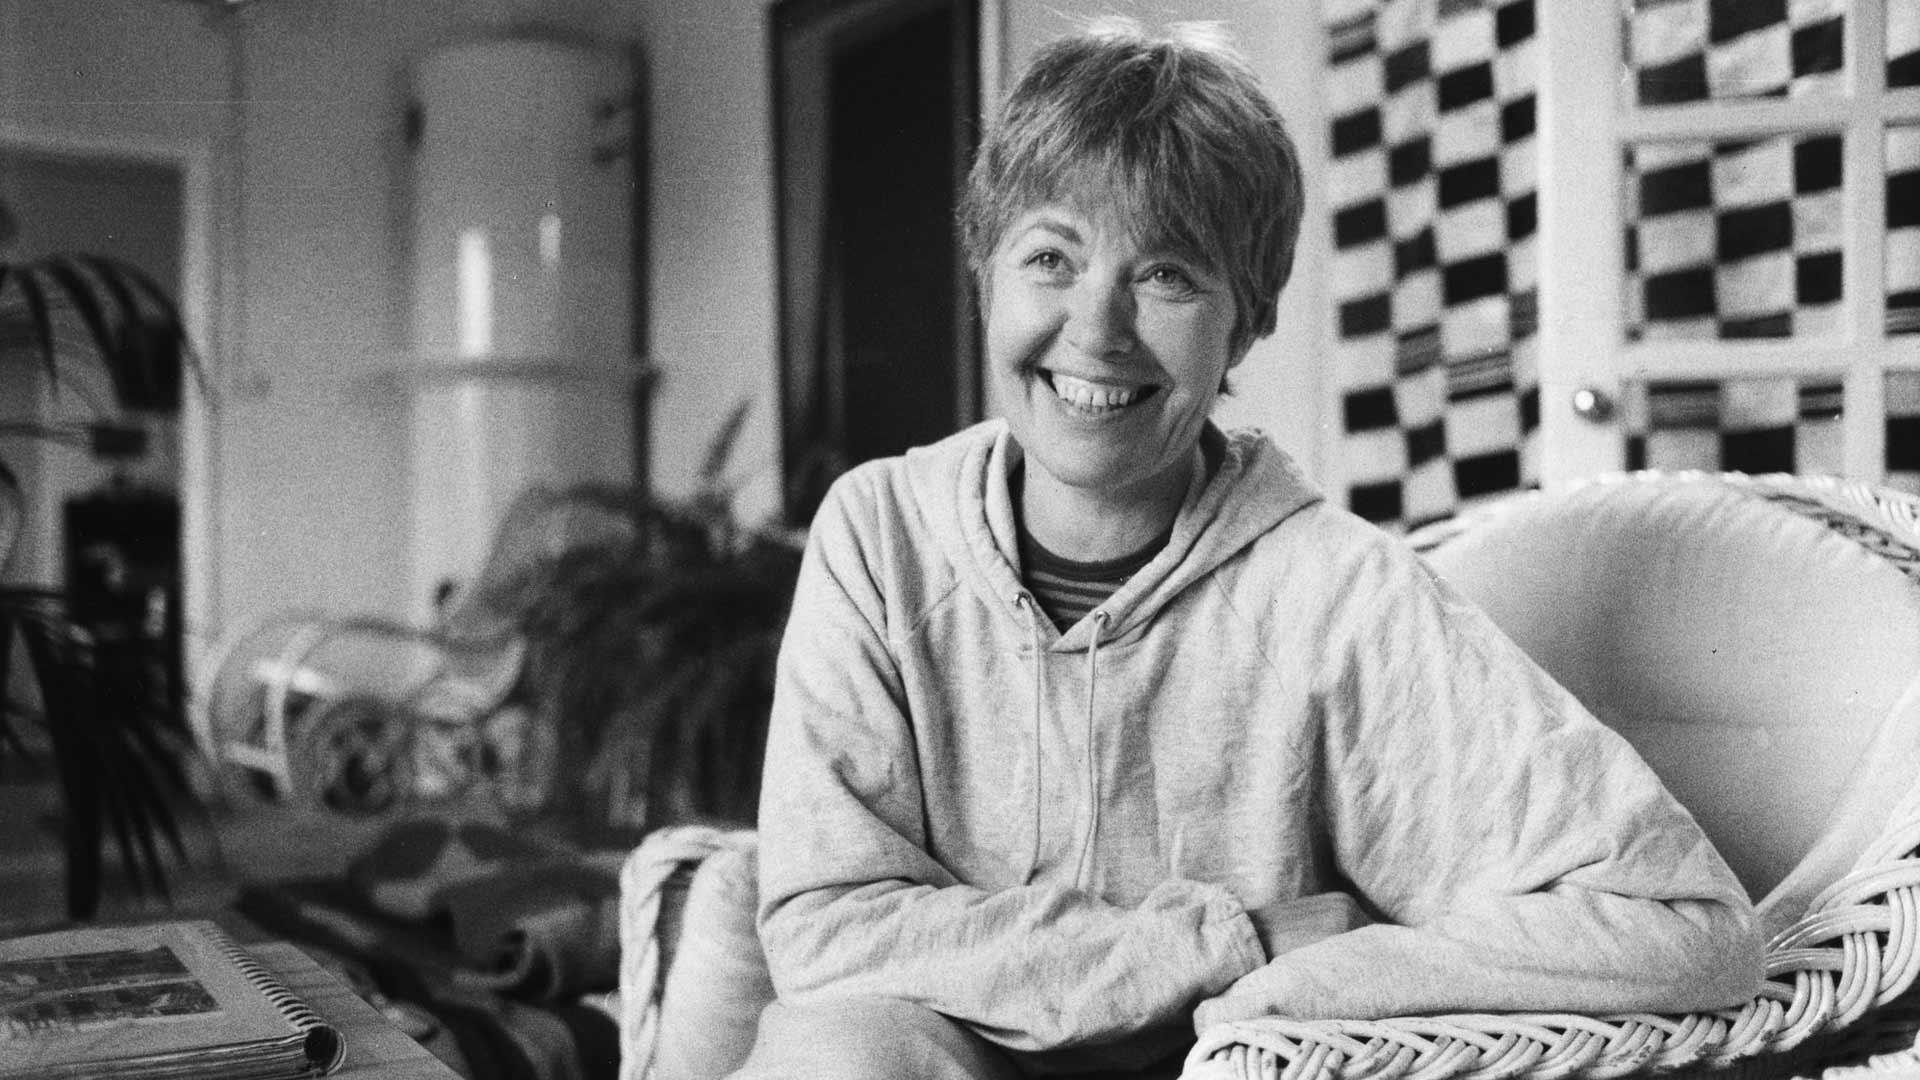 Muotoilija Annika Rimala 3.10.1985.